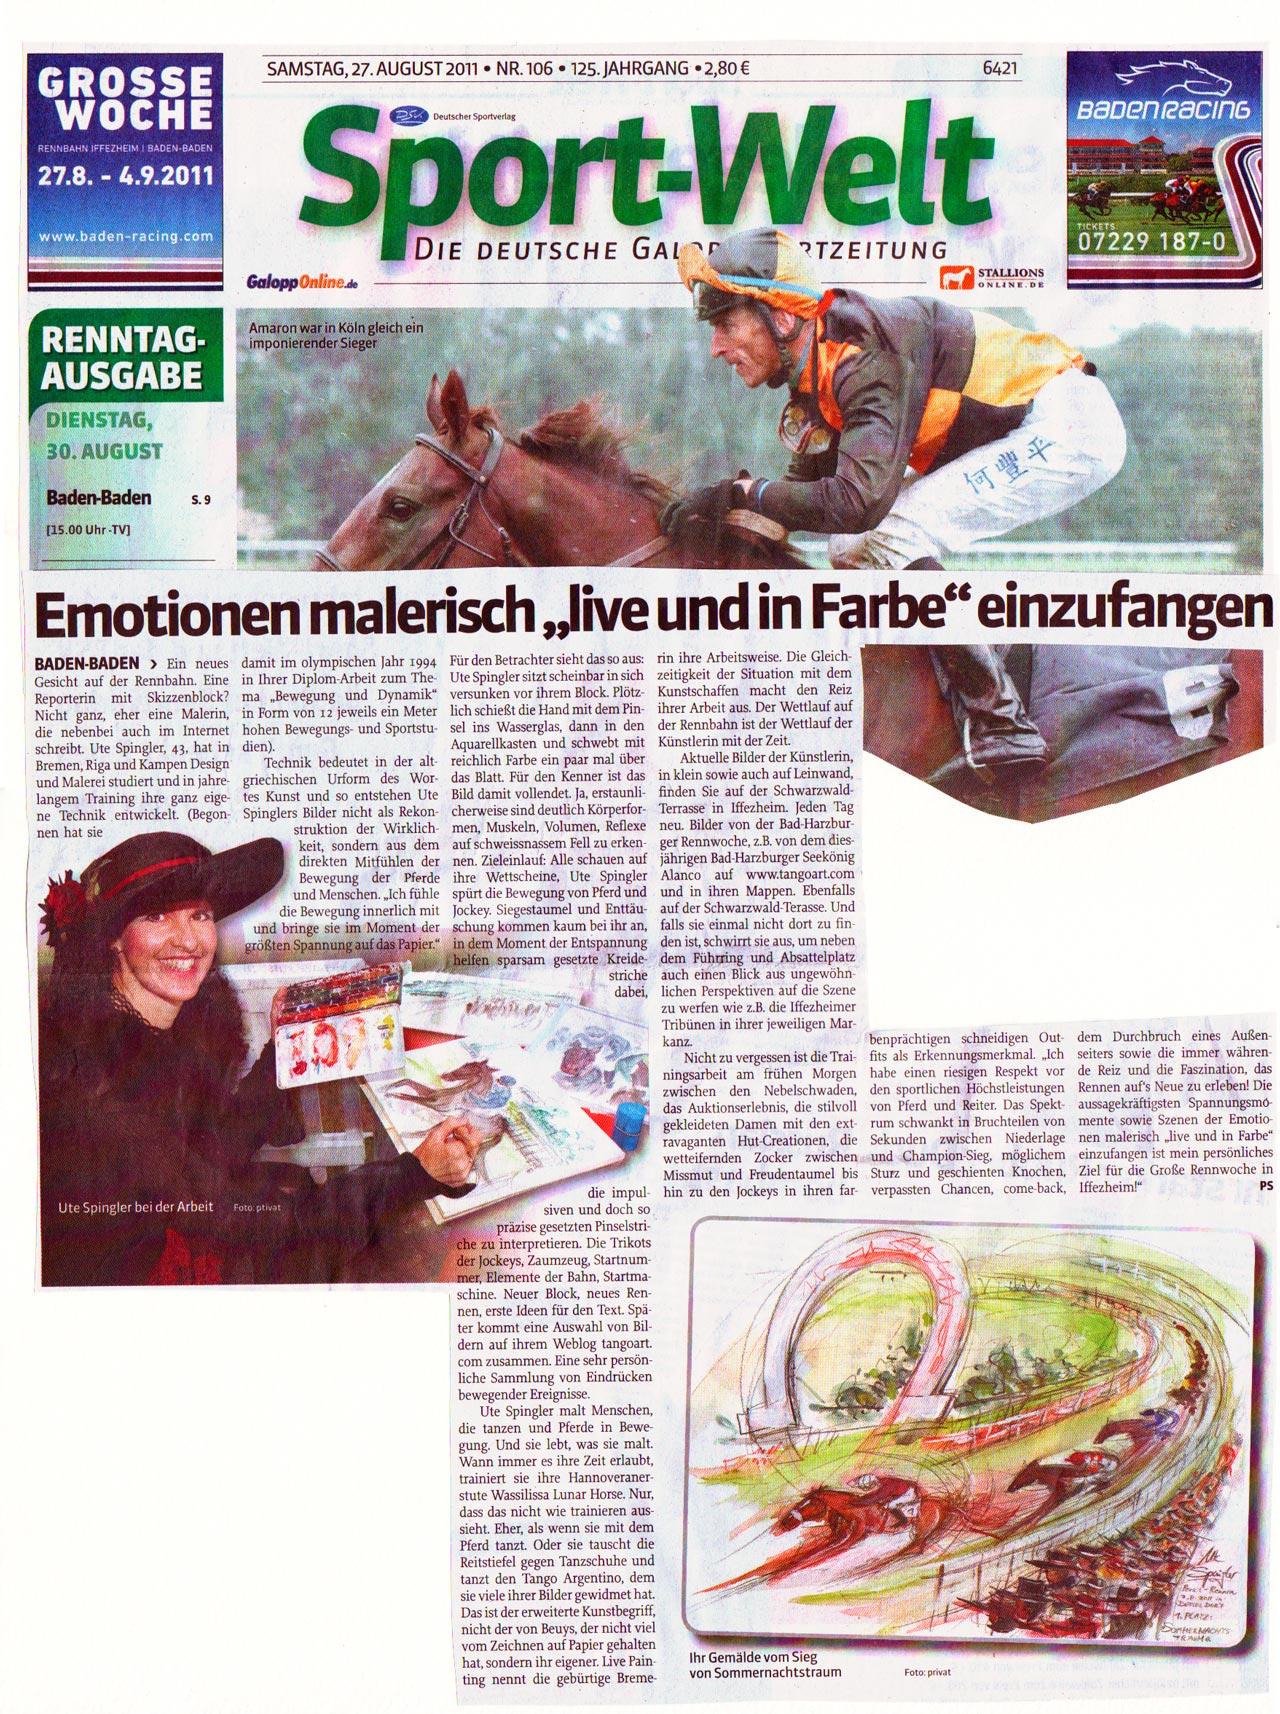 Die Sportwelt über Ute Spingler